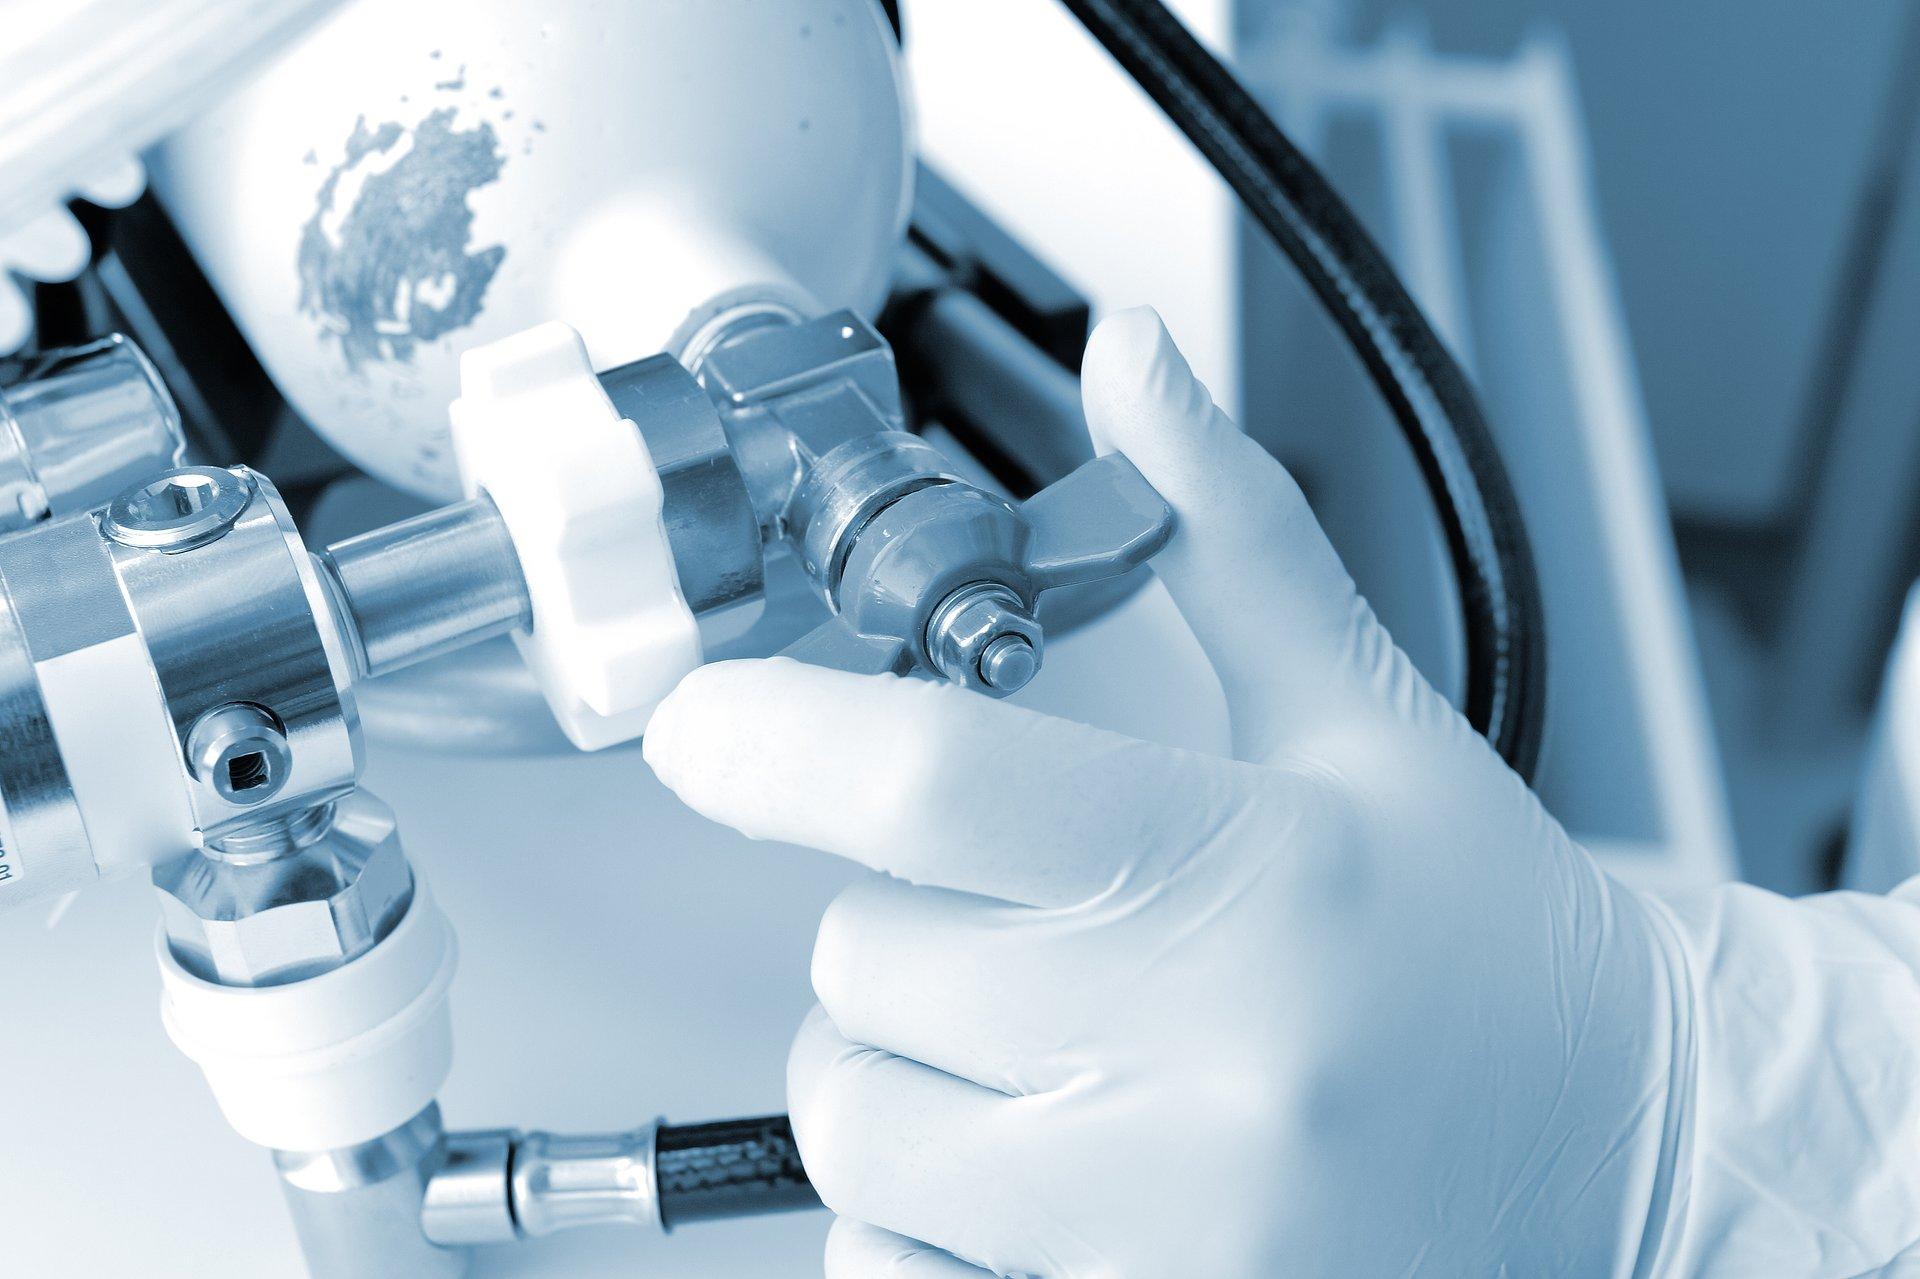 Braki tlenu medycznego w aptekach szpitalnych: WIF przypomina o ich zgłaszaniu